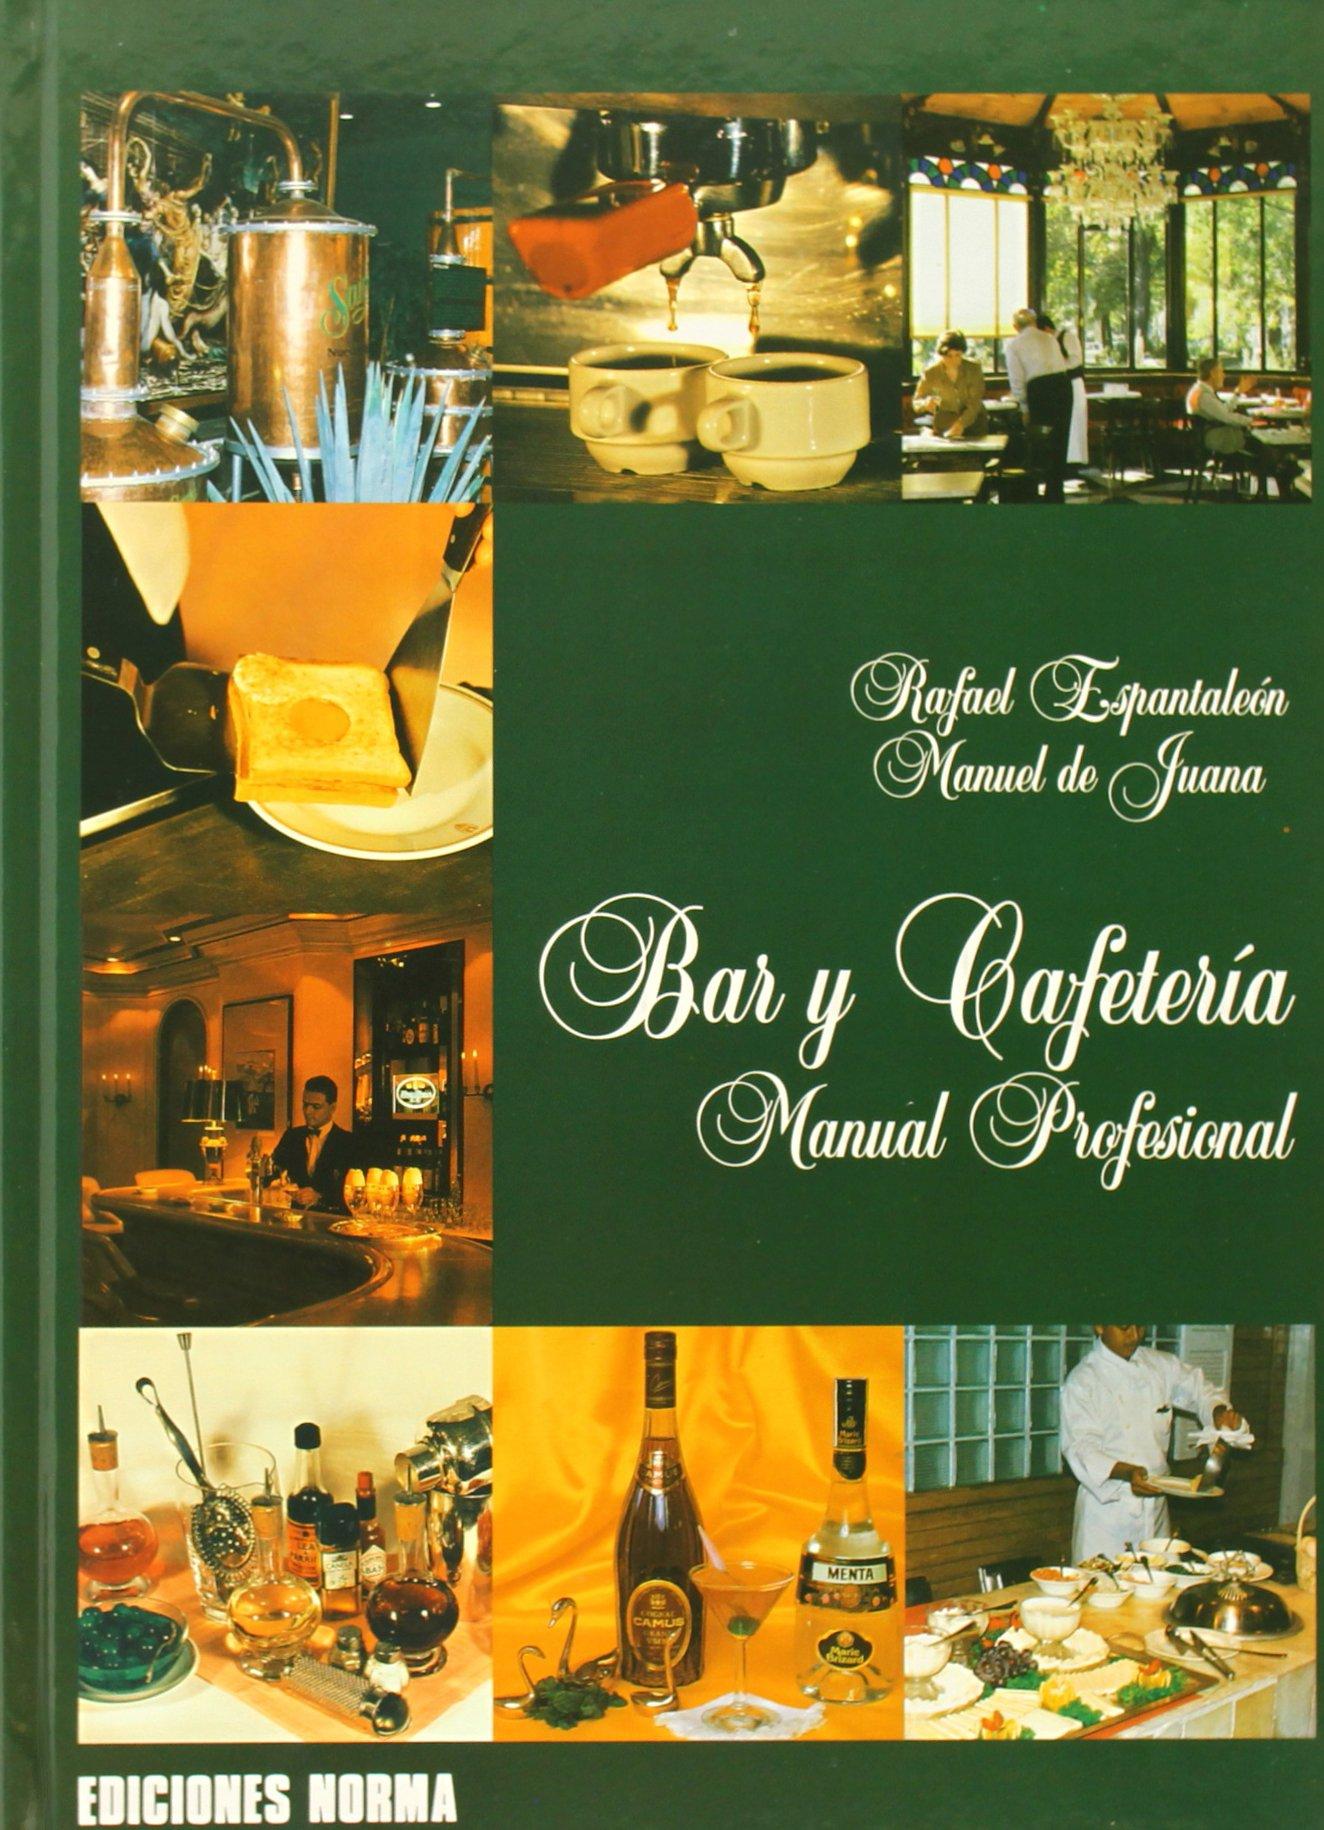 Bar y cafeteria: Manual profesional (Hostelería): Amazon.es: Espantaleon, Rafael, De Juana Setien, Manuel: Libros